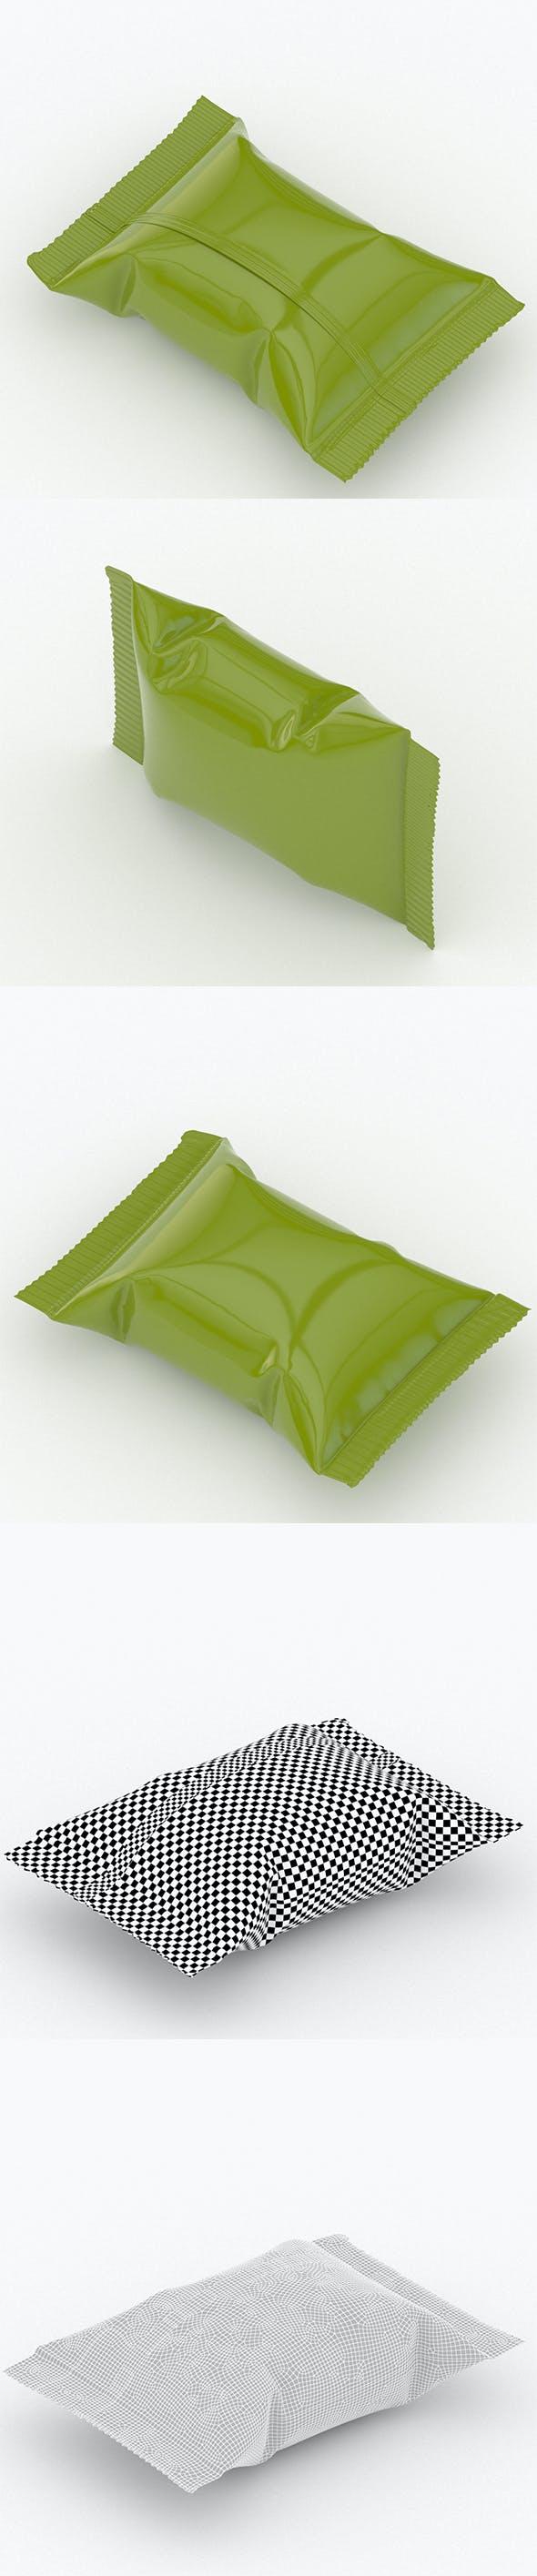 Candy wrapper v4 - 3DOcean Item for Sale